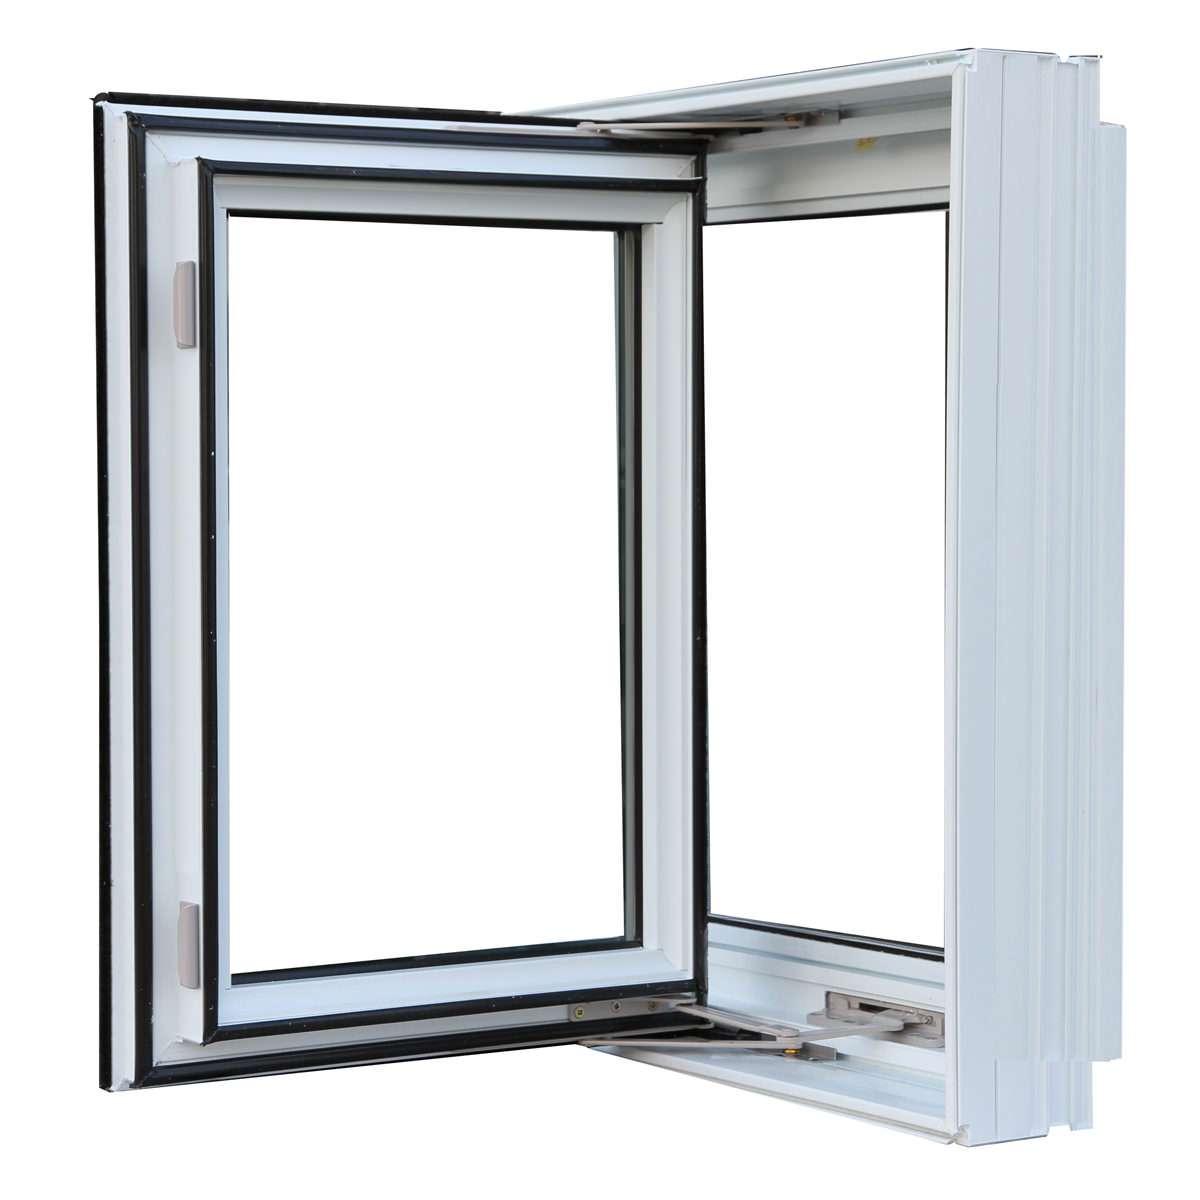 Open white casement window